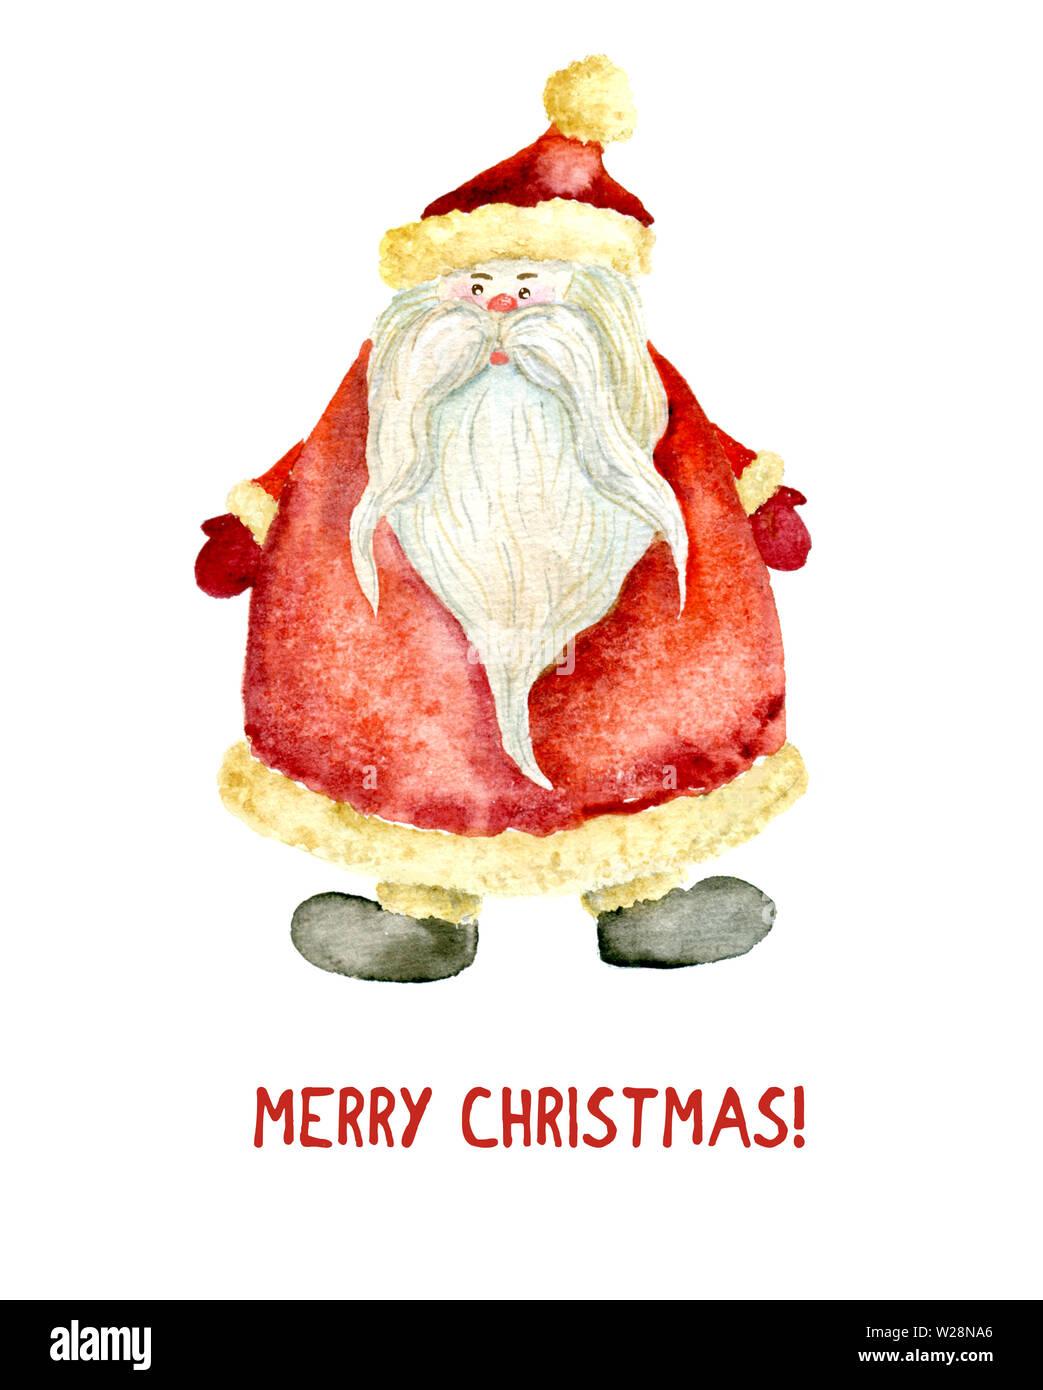 Geschenkanhänger Frohe Weihnachten.Aquarell Abbildung Von Santa Claus Ein Frohes Neues Jahr Und Frohe